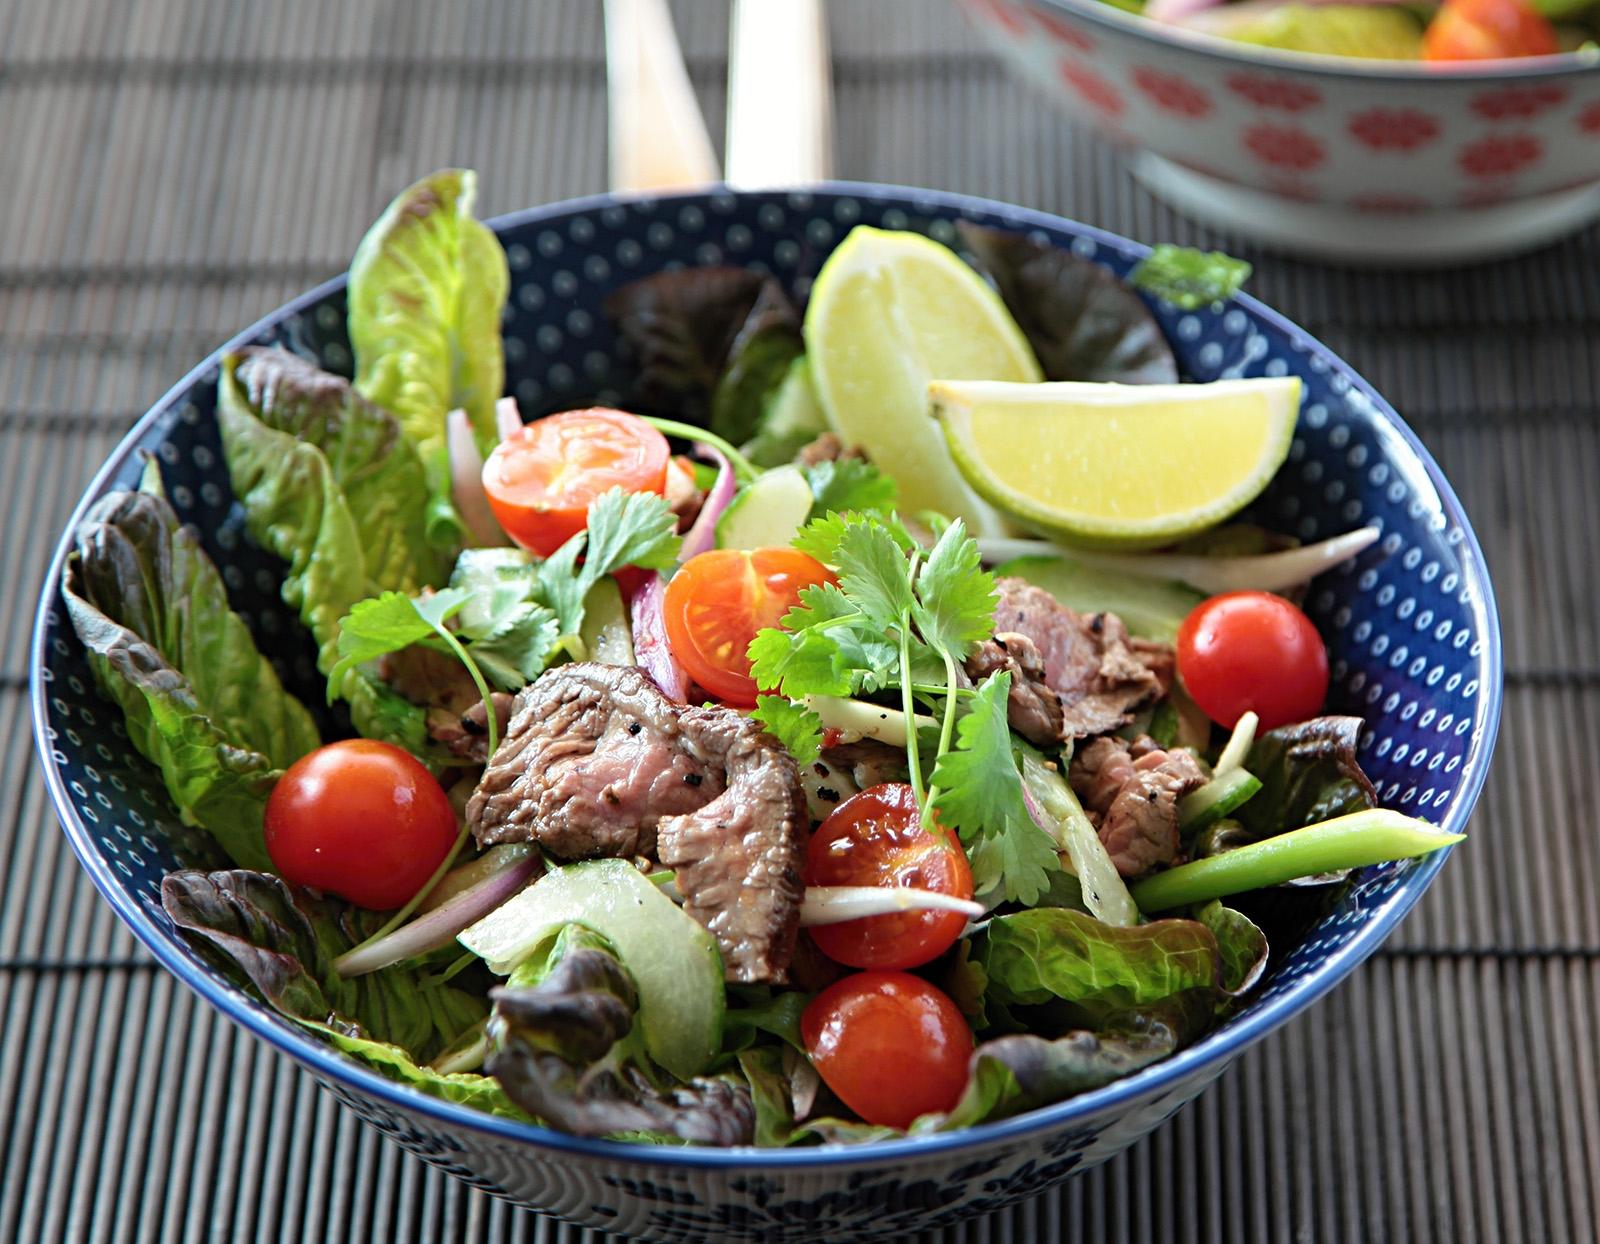 Dokonalá souhra delikátních chutí to je thajský salát s masem